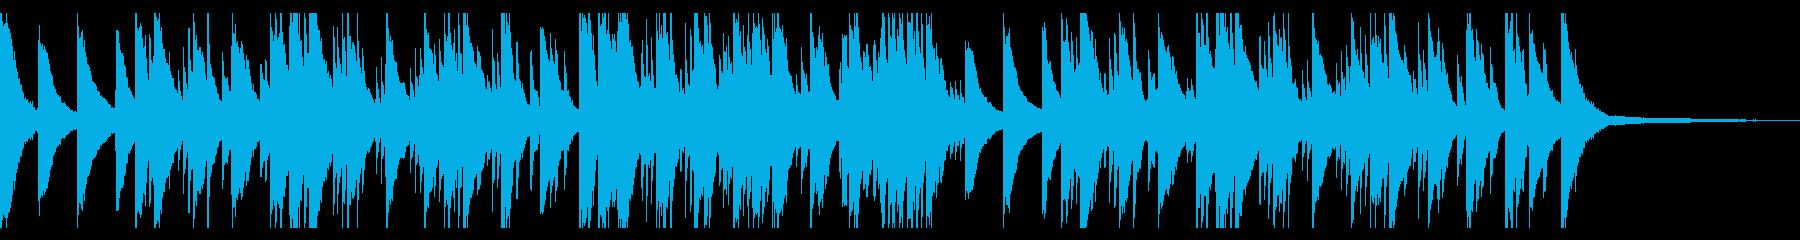 言い出せないもどかしさをピアノソロでの再生済みの波形